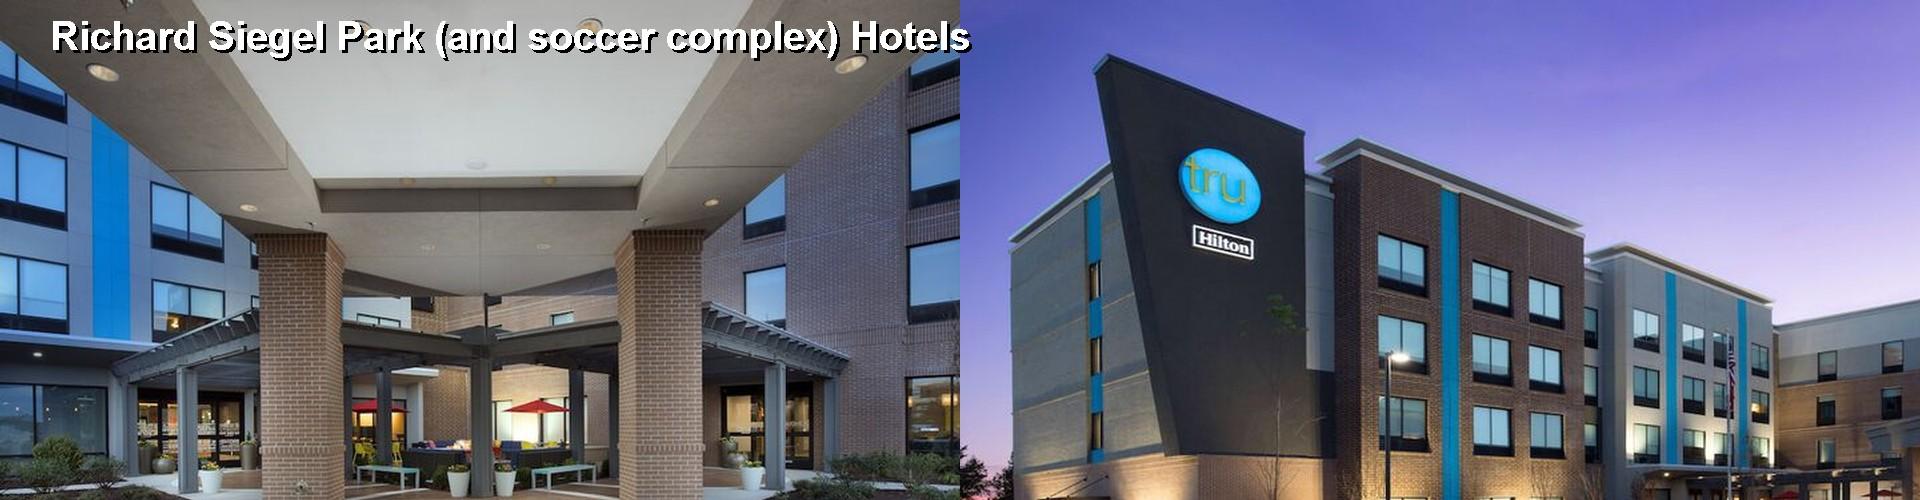 5 Best Hotels Near Richard Siegel Park And Soccer Complex